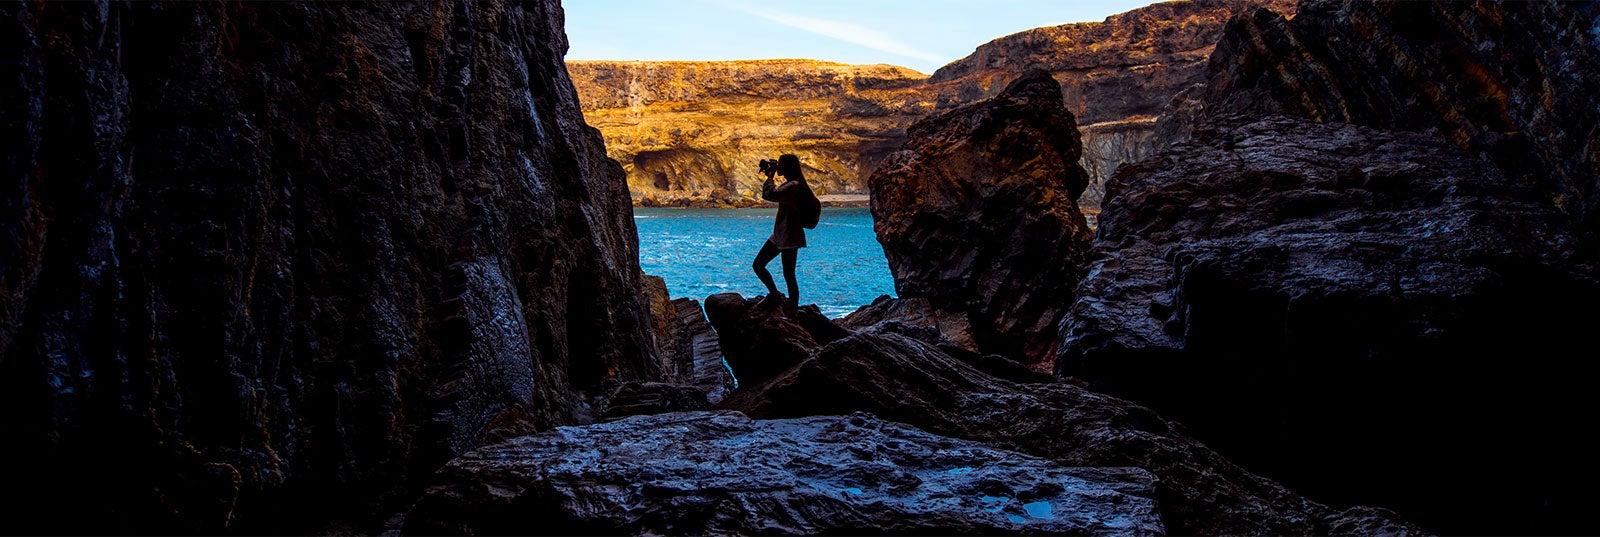 Guía turística de Fuerteventura